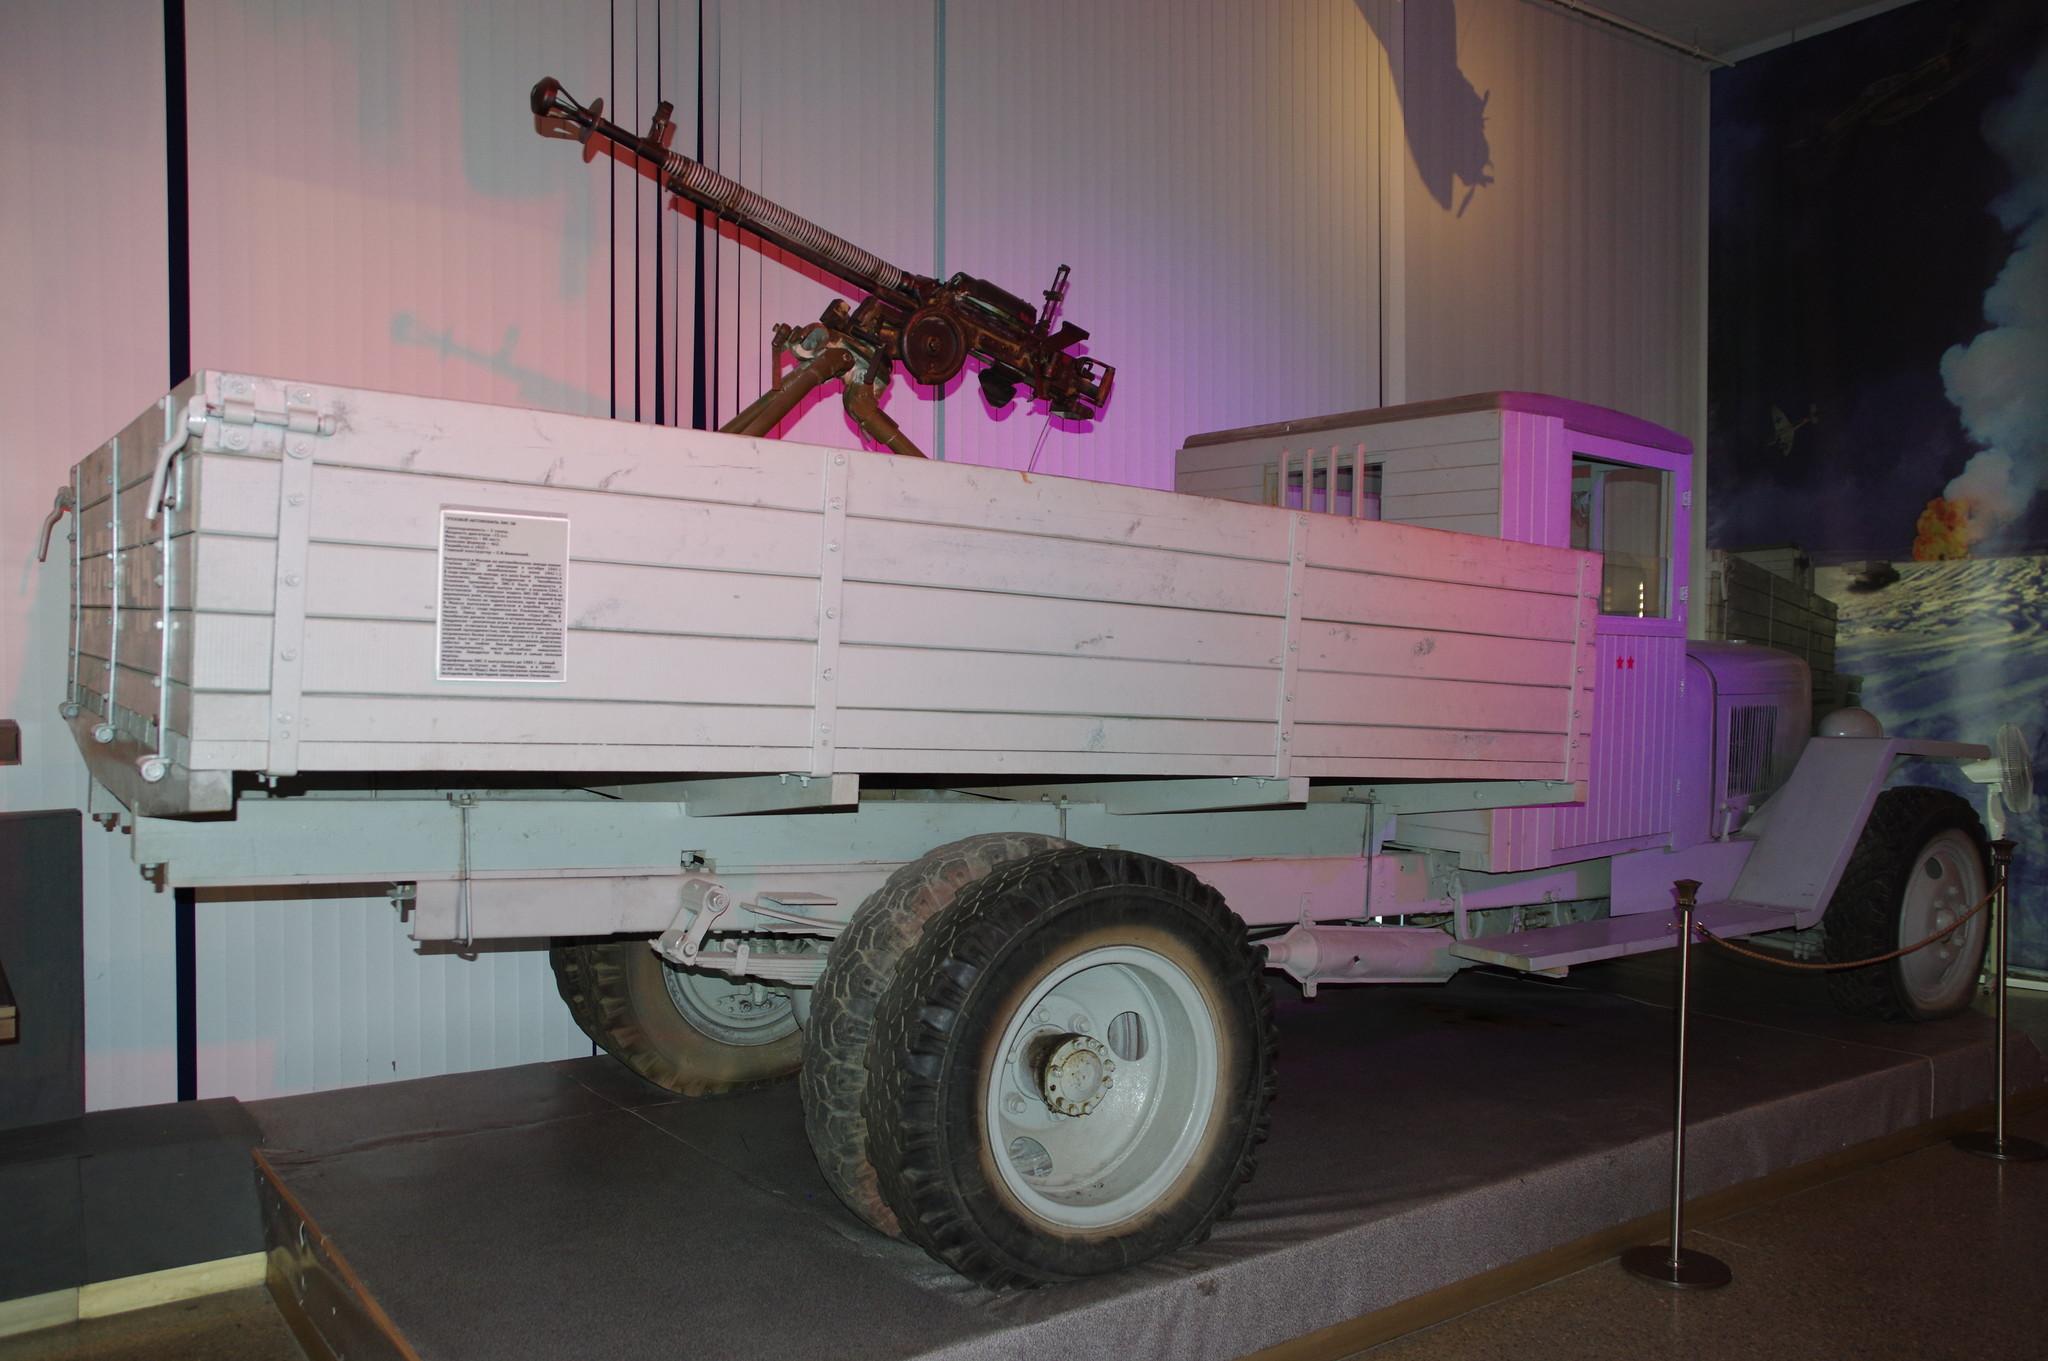 Крупнокалиберный пулемёт ДШК на грузовом автомобиле ЗИС-5В (Центральный музей Вооружённых Сил)